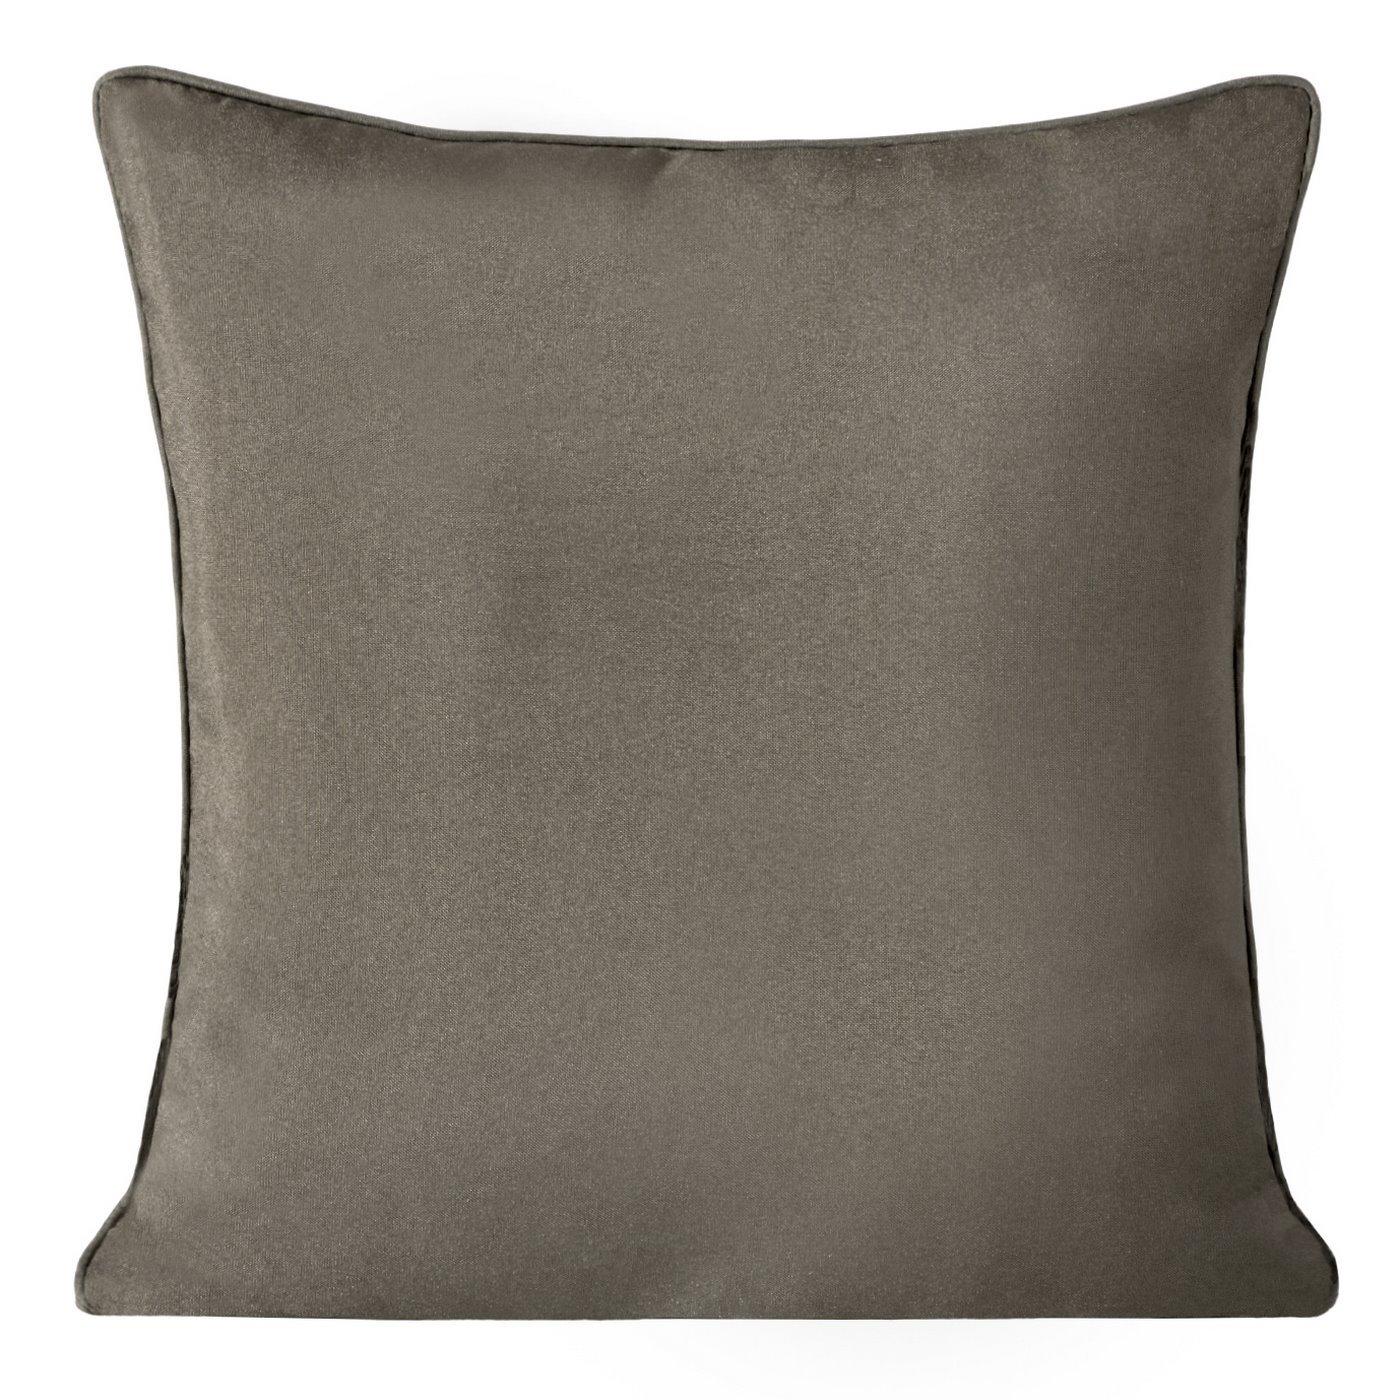 Poszewka na poduszkę gładka jasny brąz 40 x 40 cm